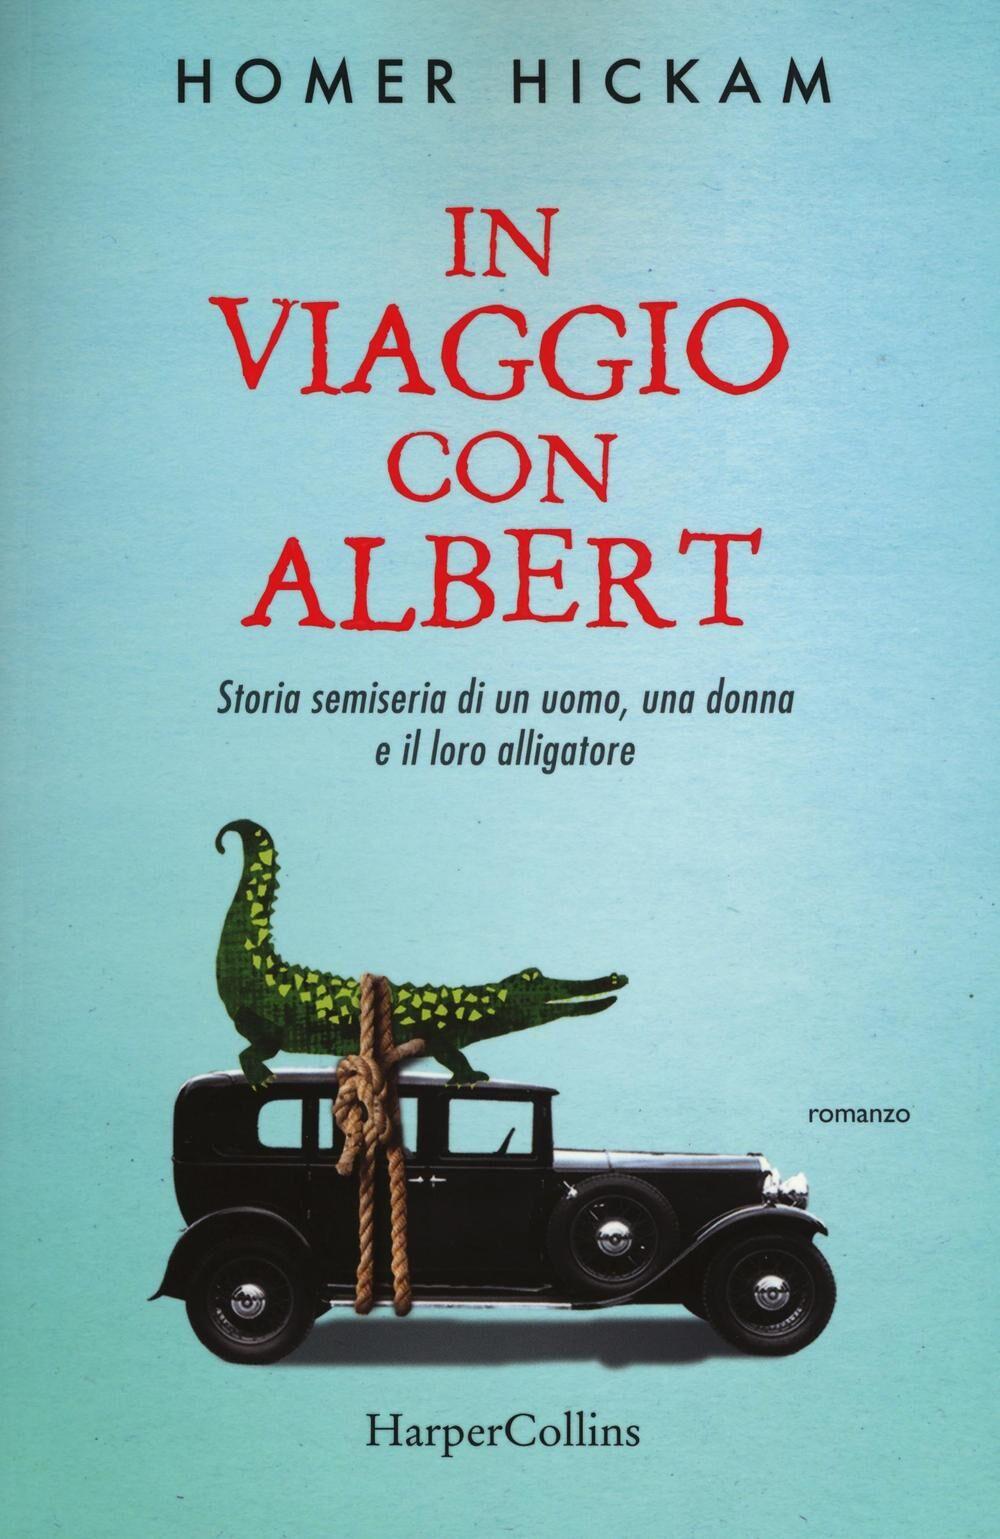 In viaggio con Albert. Storia semiseria di un uomo, una donna e il loro alligatore